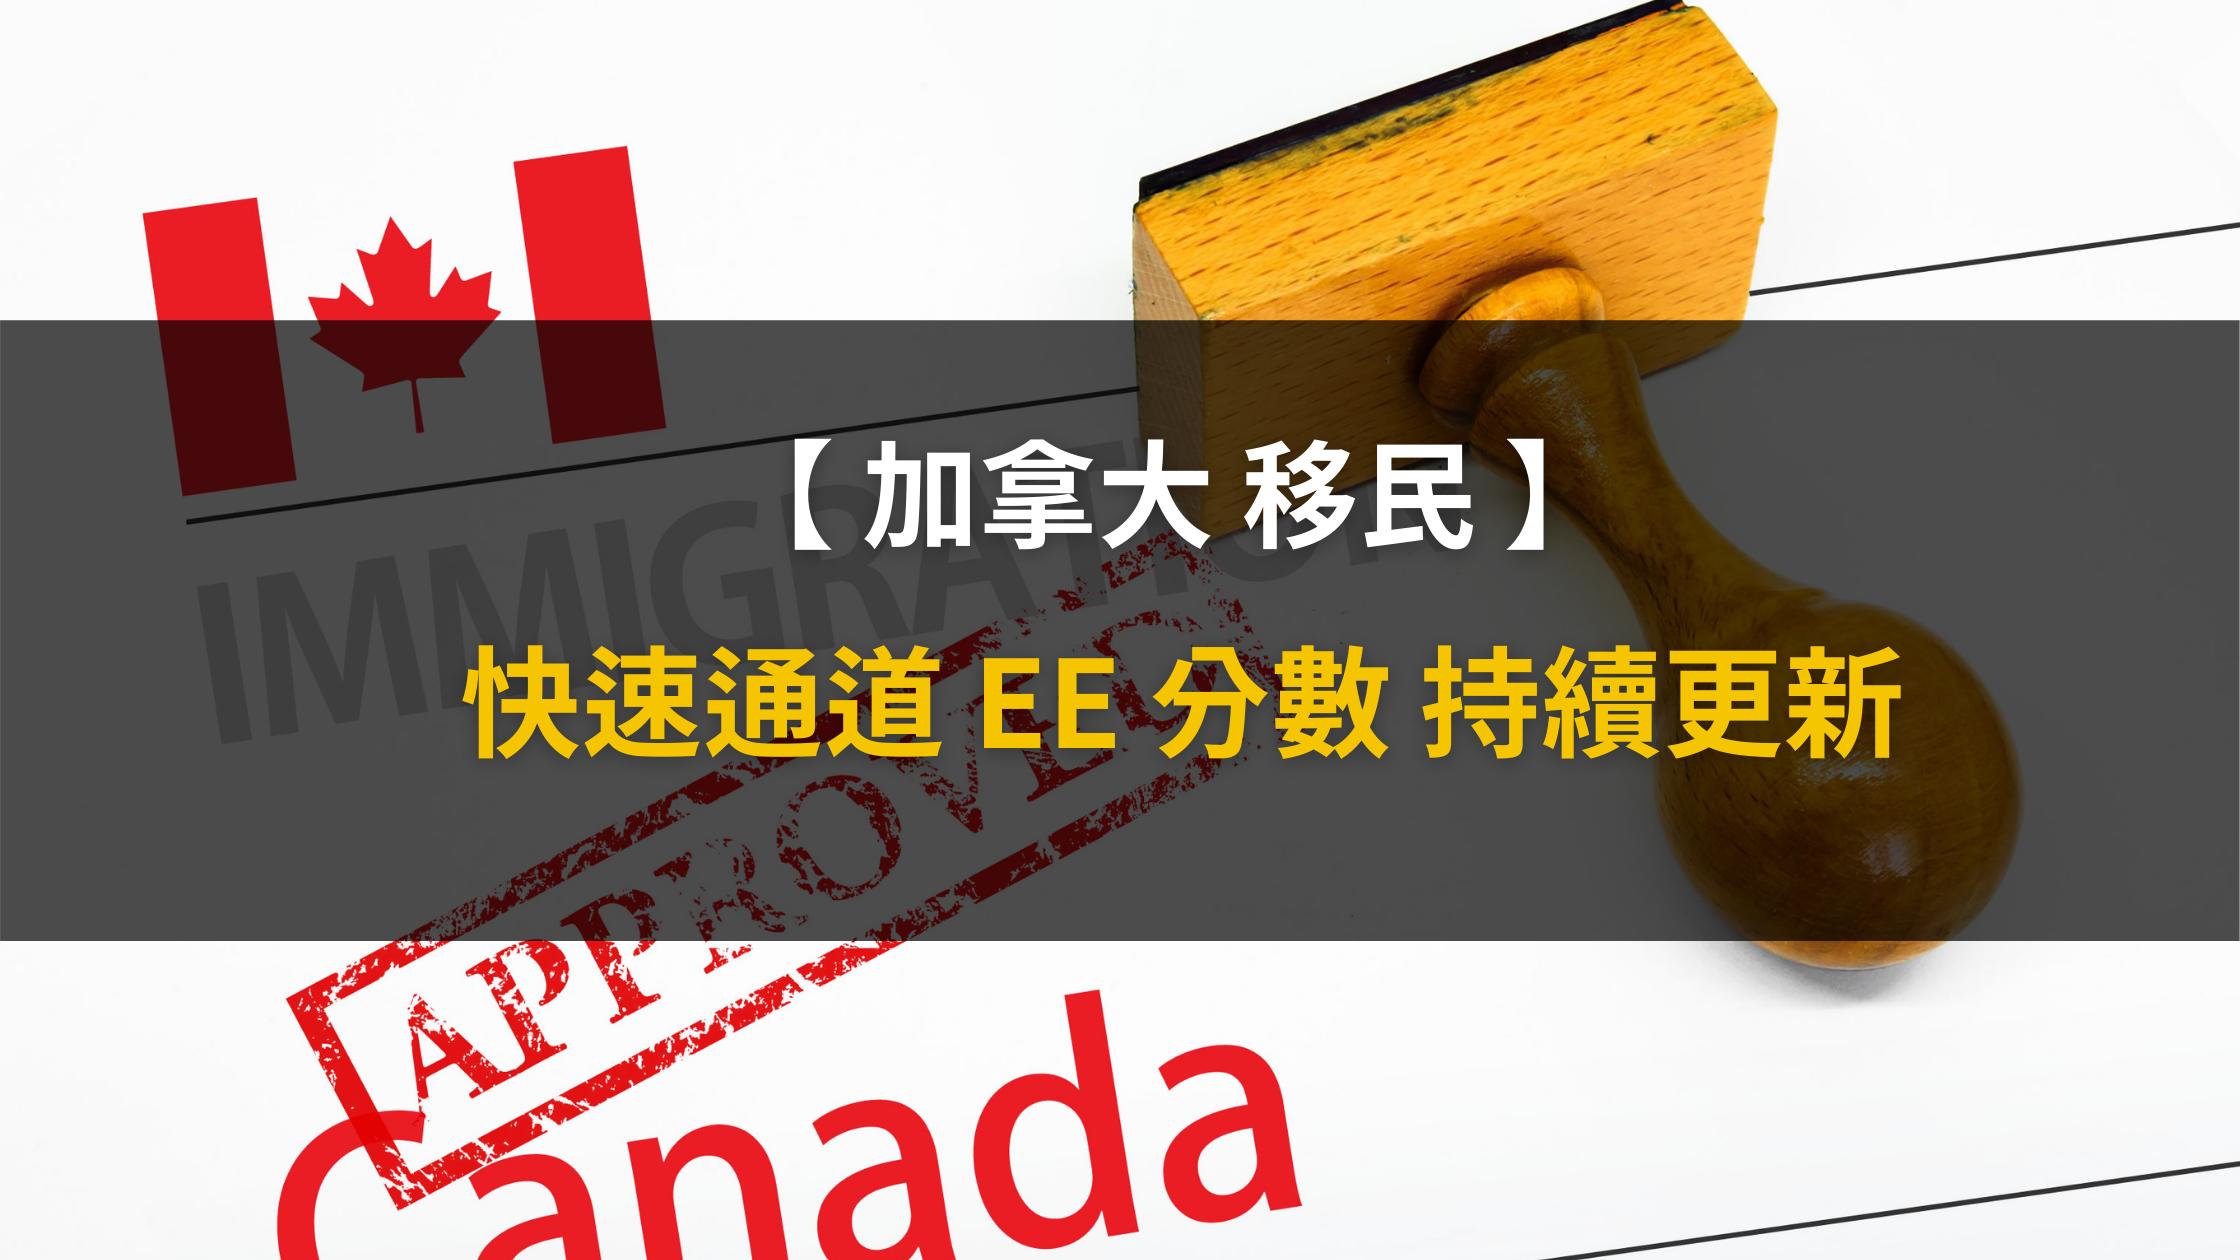 【 加拿大 移民 必睇】 快速通道 EE 分數 持續更新 分數 繼續低於360分!(2021/7/22 更新)